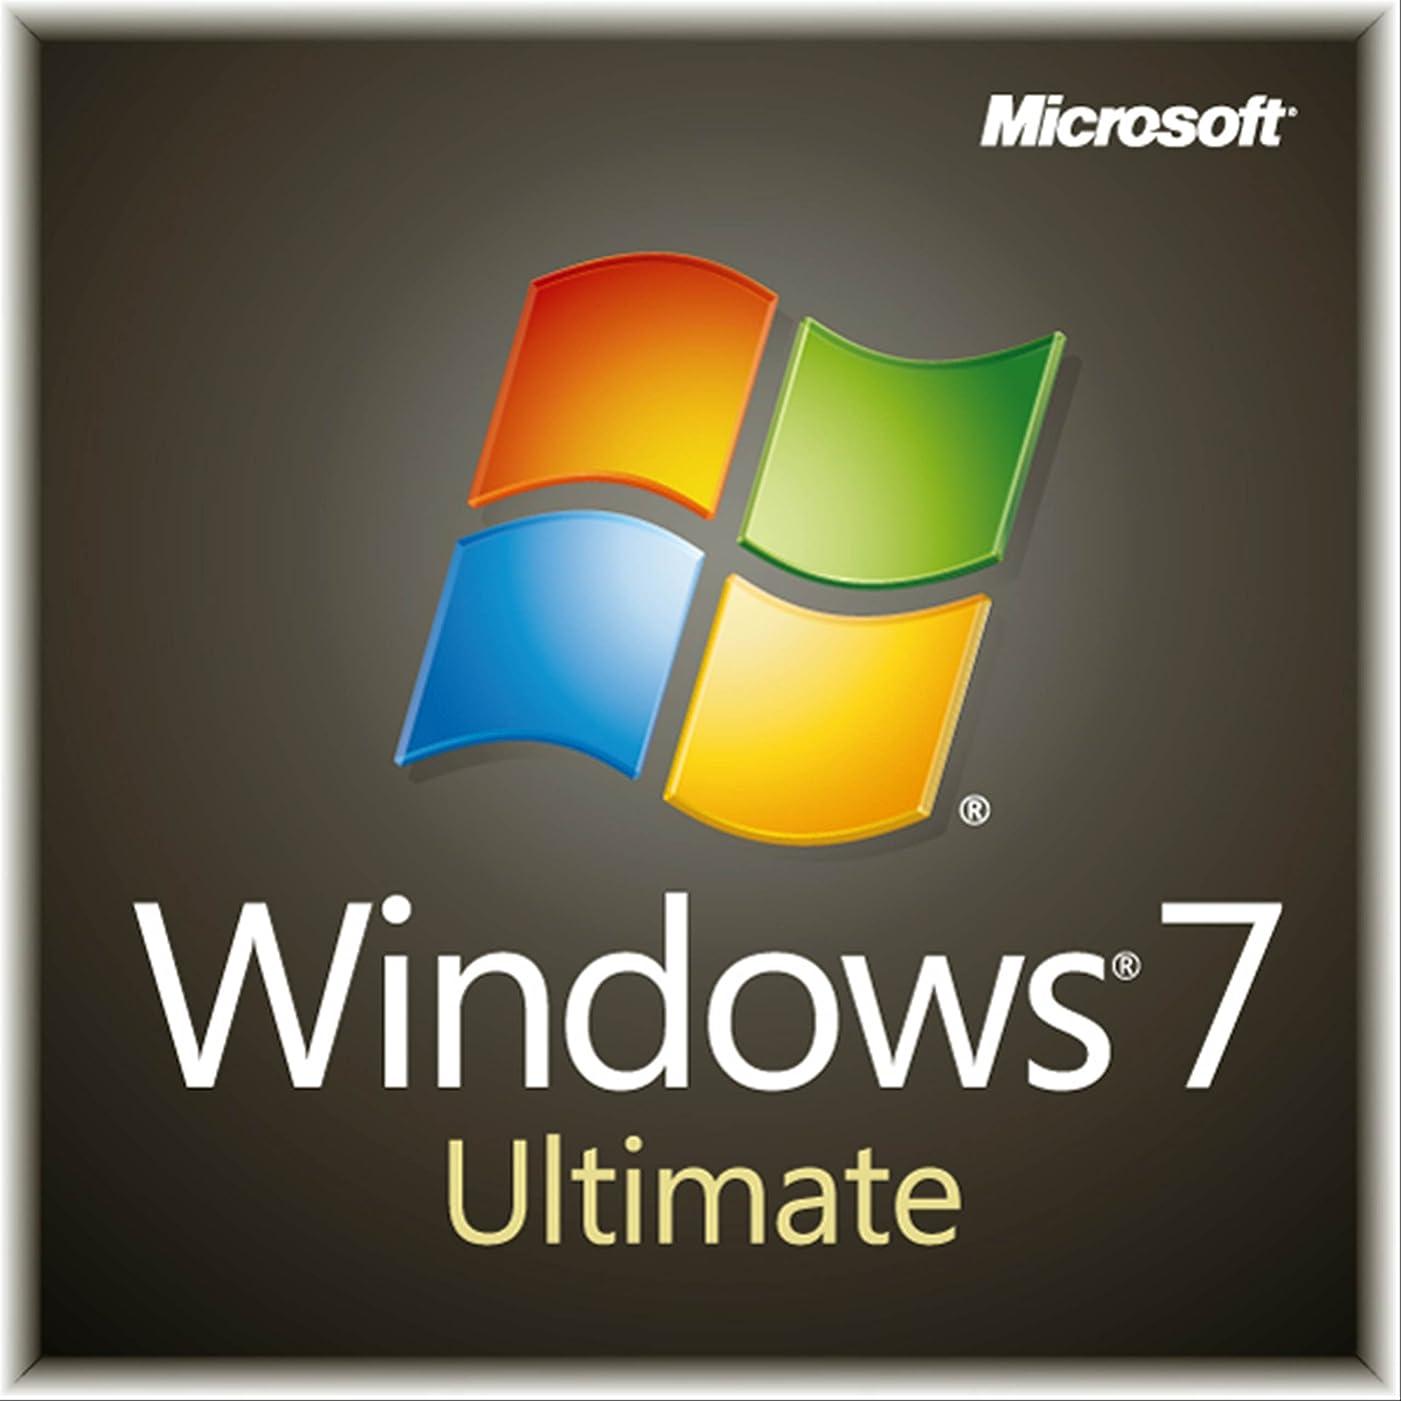 暗殺者アルカトラズ島フラフープ【旧商品】Microsoft Windows7 Ultimate 64bit  Service Pack 1 日本語 DSP版 DVD 【LANボードセット品】